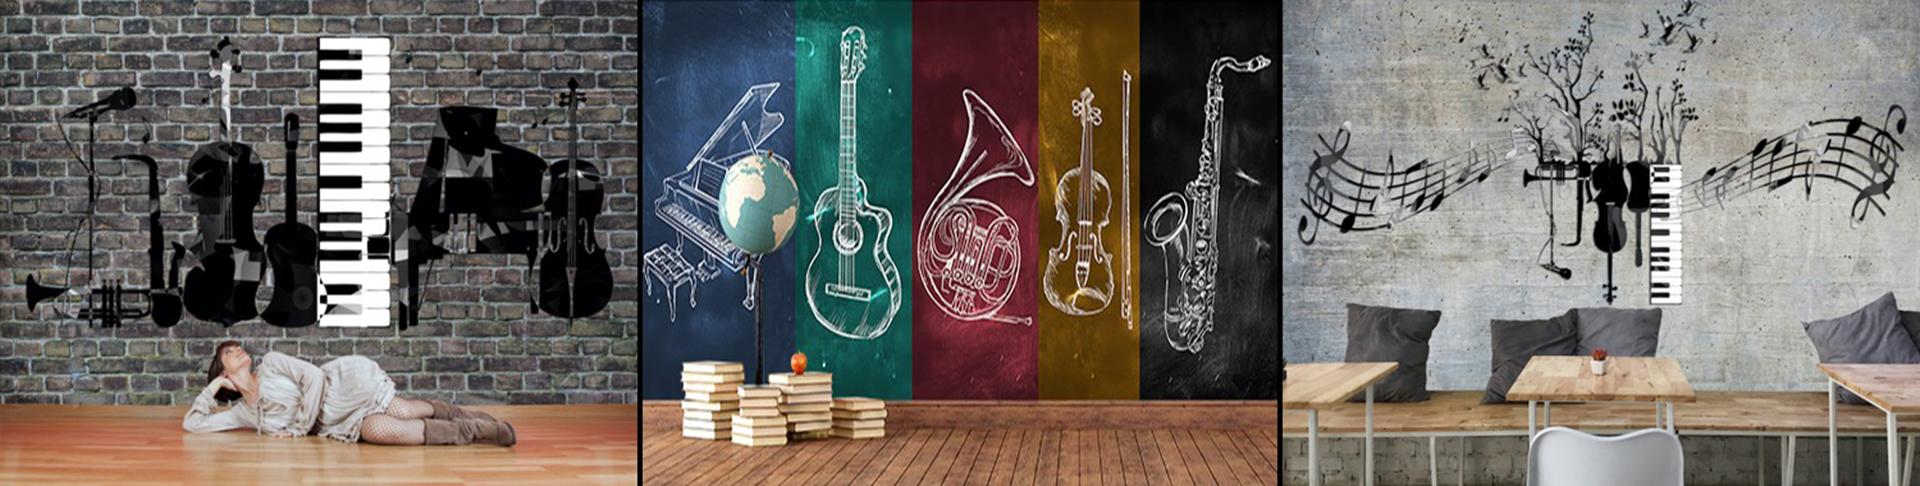 Carta Da Parati Musicale - Murales Musicali 3D